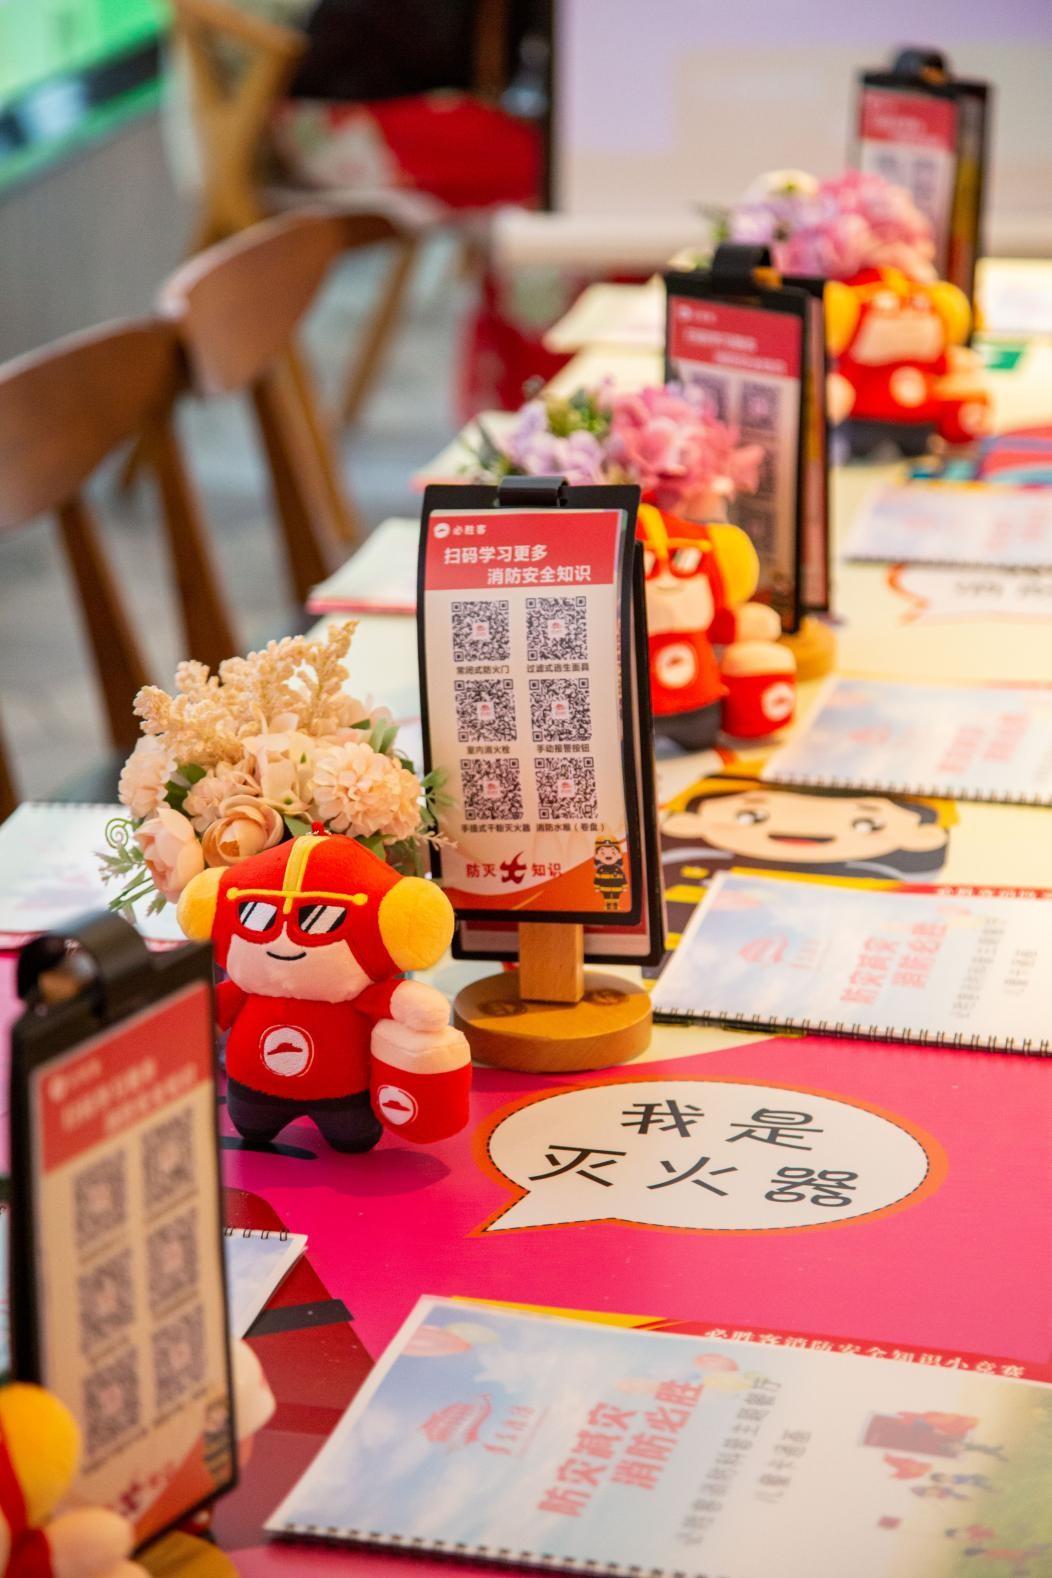 来打卡!贵州迎来首家必胜客消防主题教育餐厅